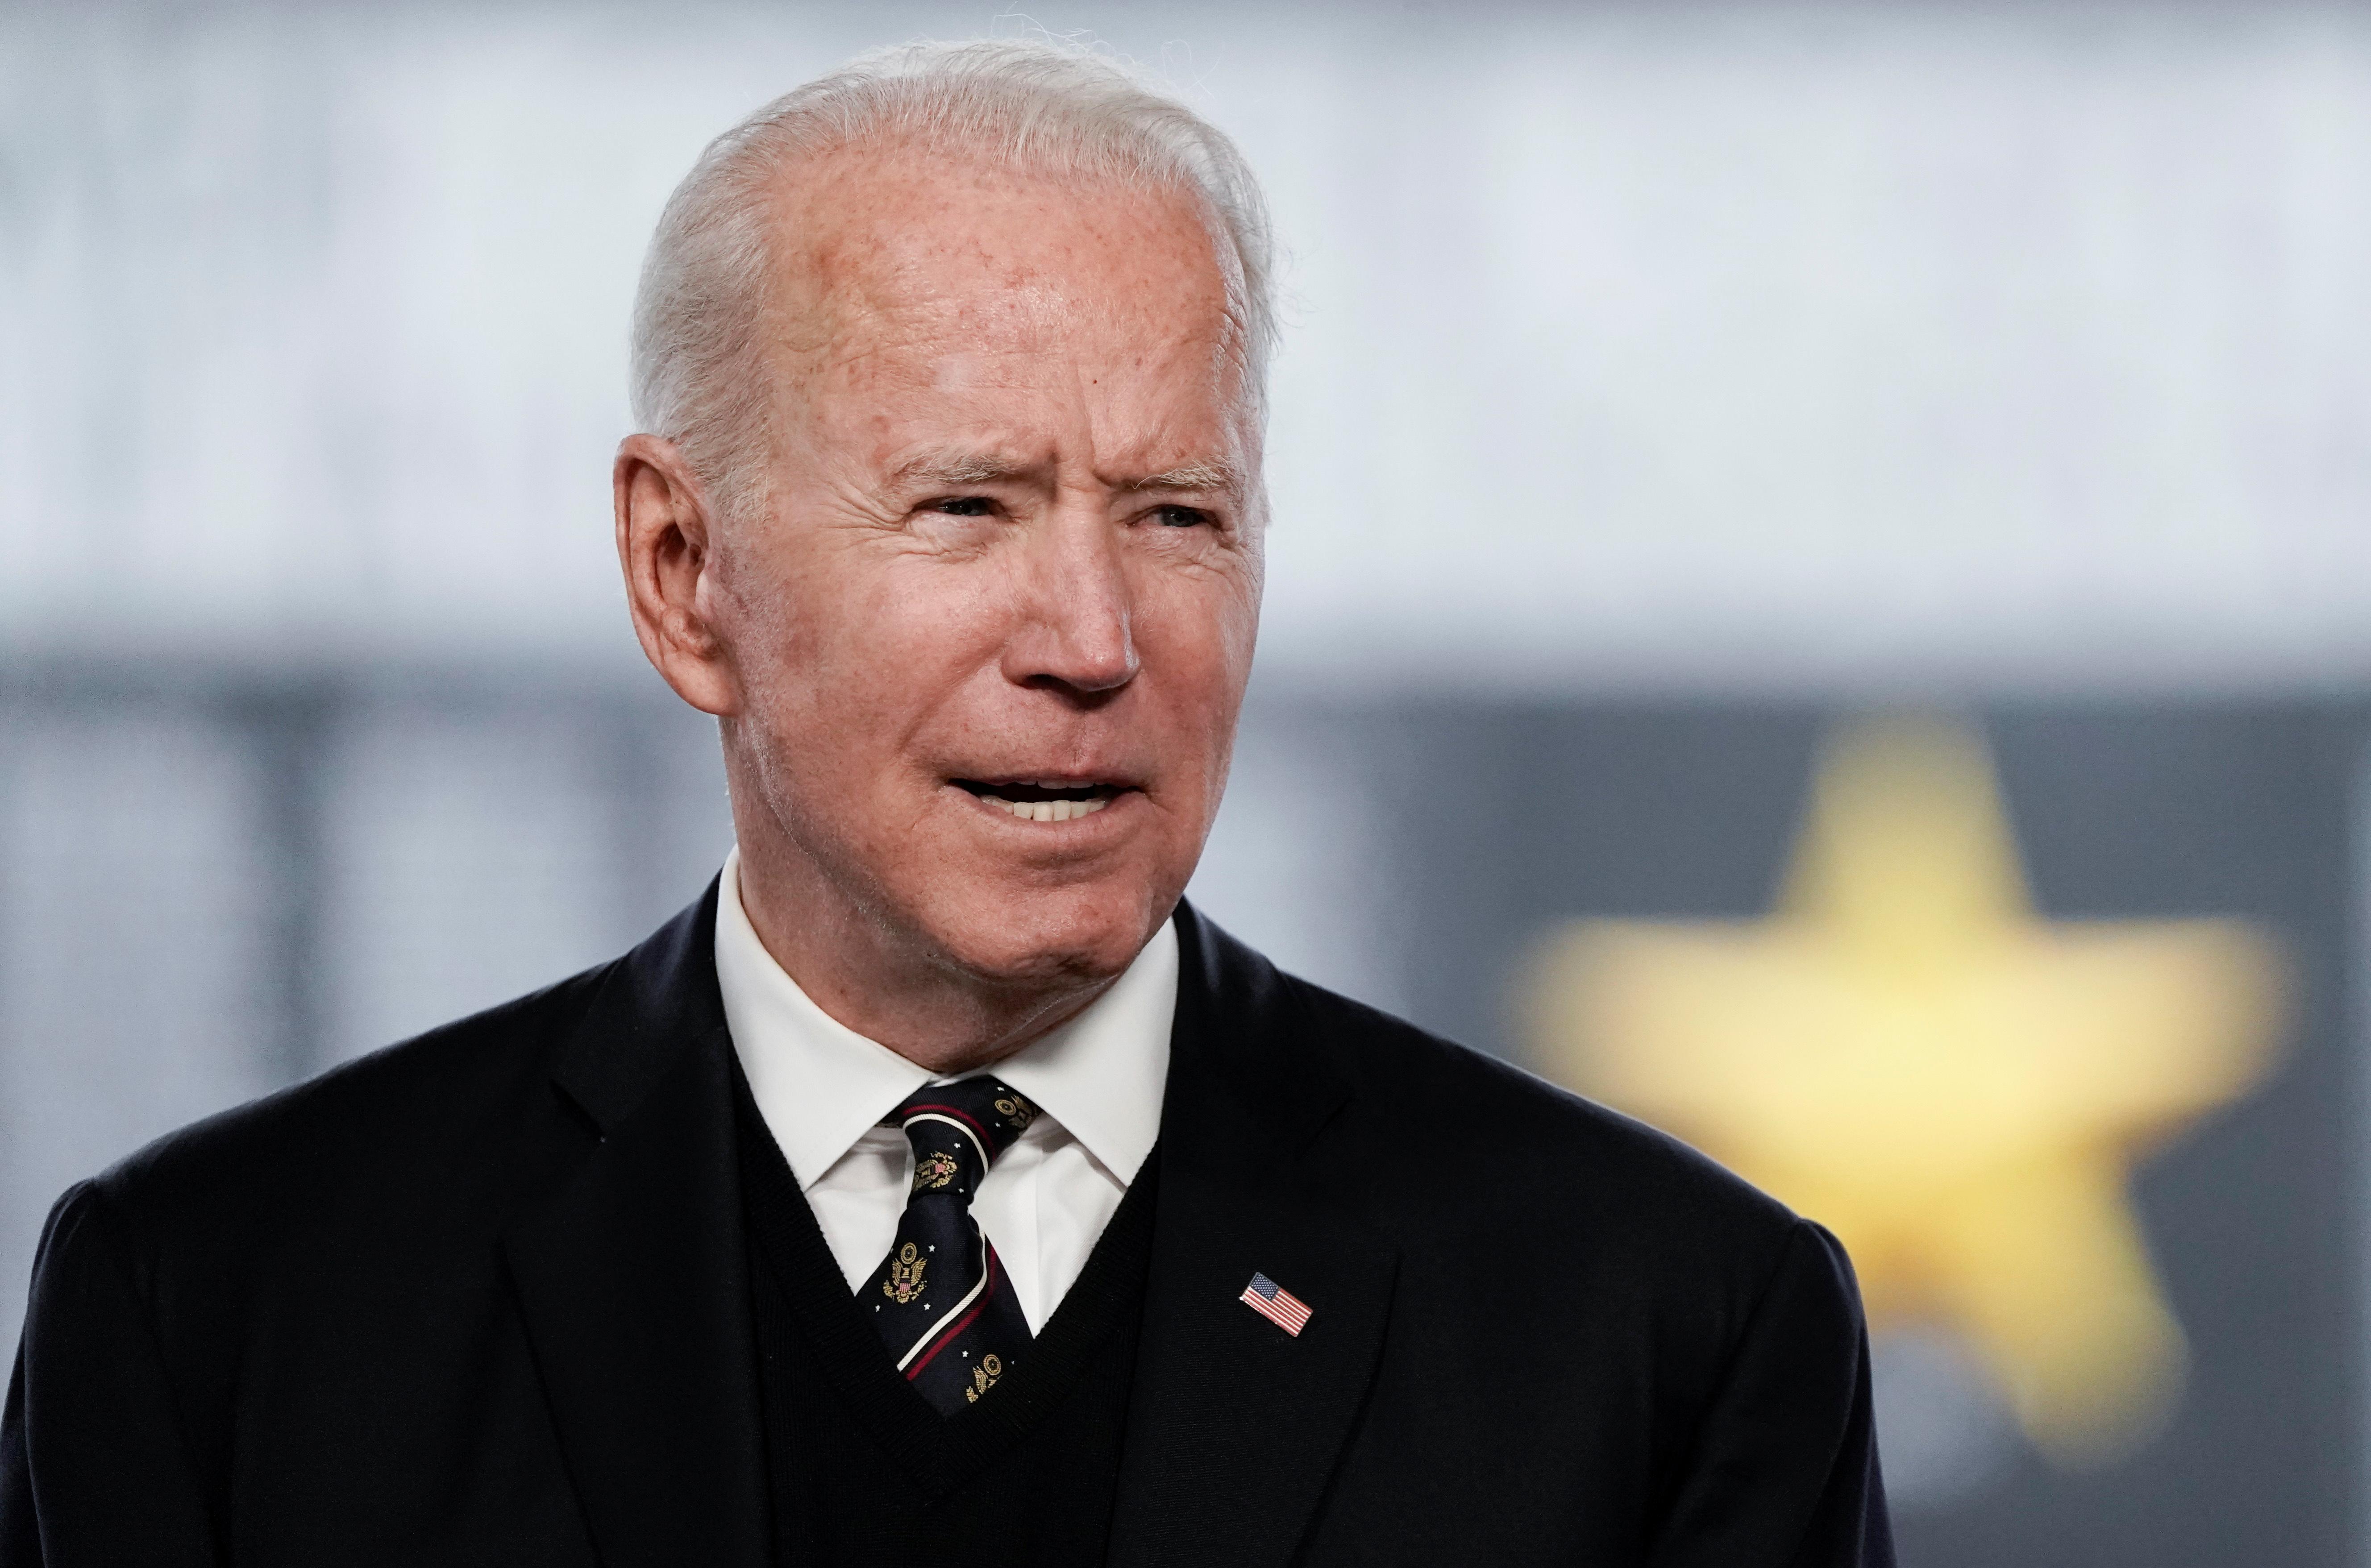 Tổng thống Hoa Kỳ Joe Biden phát biểu tại Lễ Tưởng niệm hàng năm tại Công viên Tưởng niệm Cựu chiến binh, Cầu Tưởng niệm Delaware, Lâu đài Mới, Delaware, Hoa Kỳ, ngày 30 tháng 5 năm 2021. REUTERS / Ken Cedeno REFILE - CORRECTING CITY